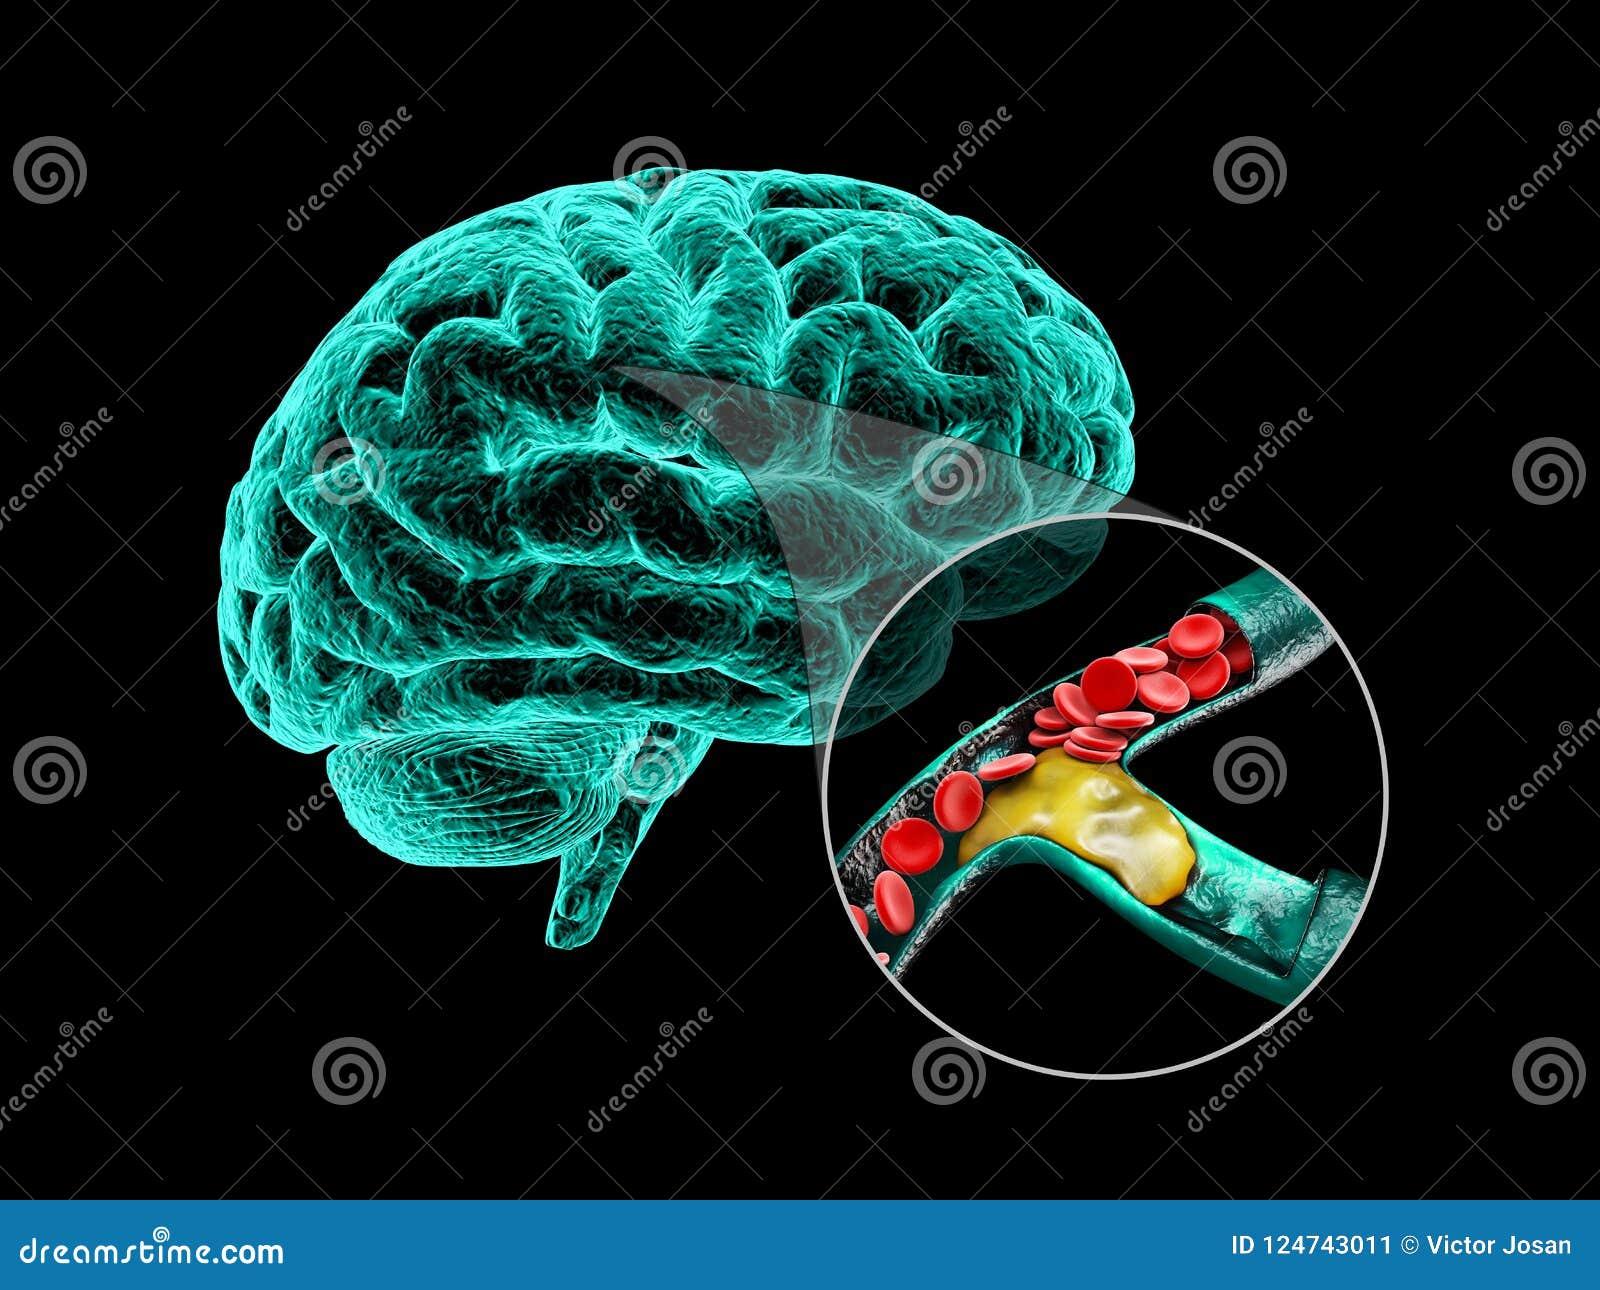 Cervello umano con la sclerosi cerebrale Illustrazione di anatomia 3d del cervello umano